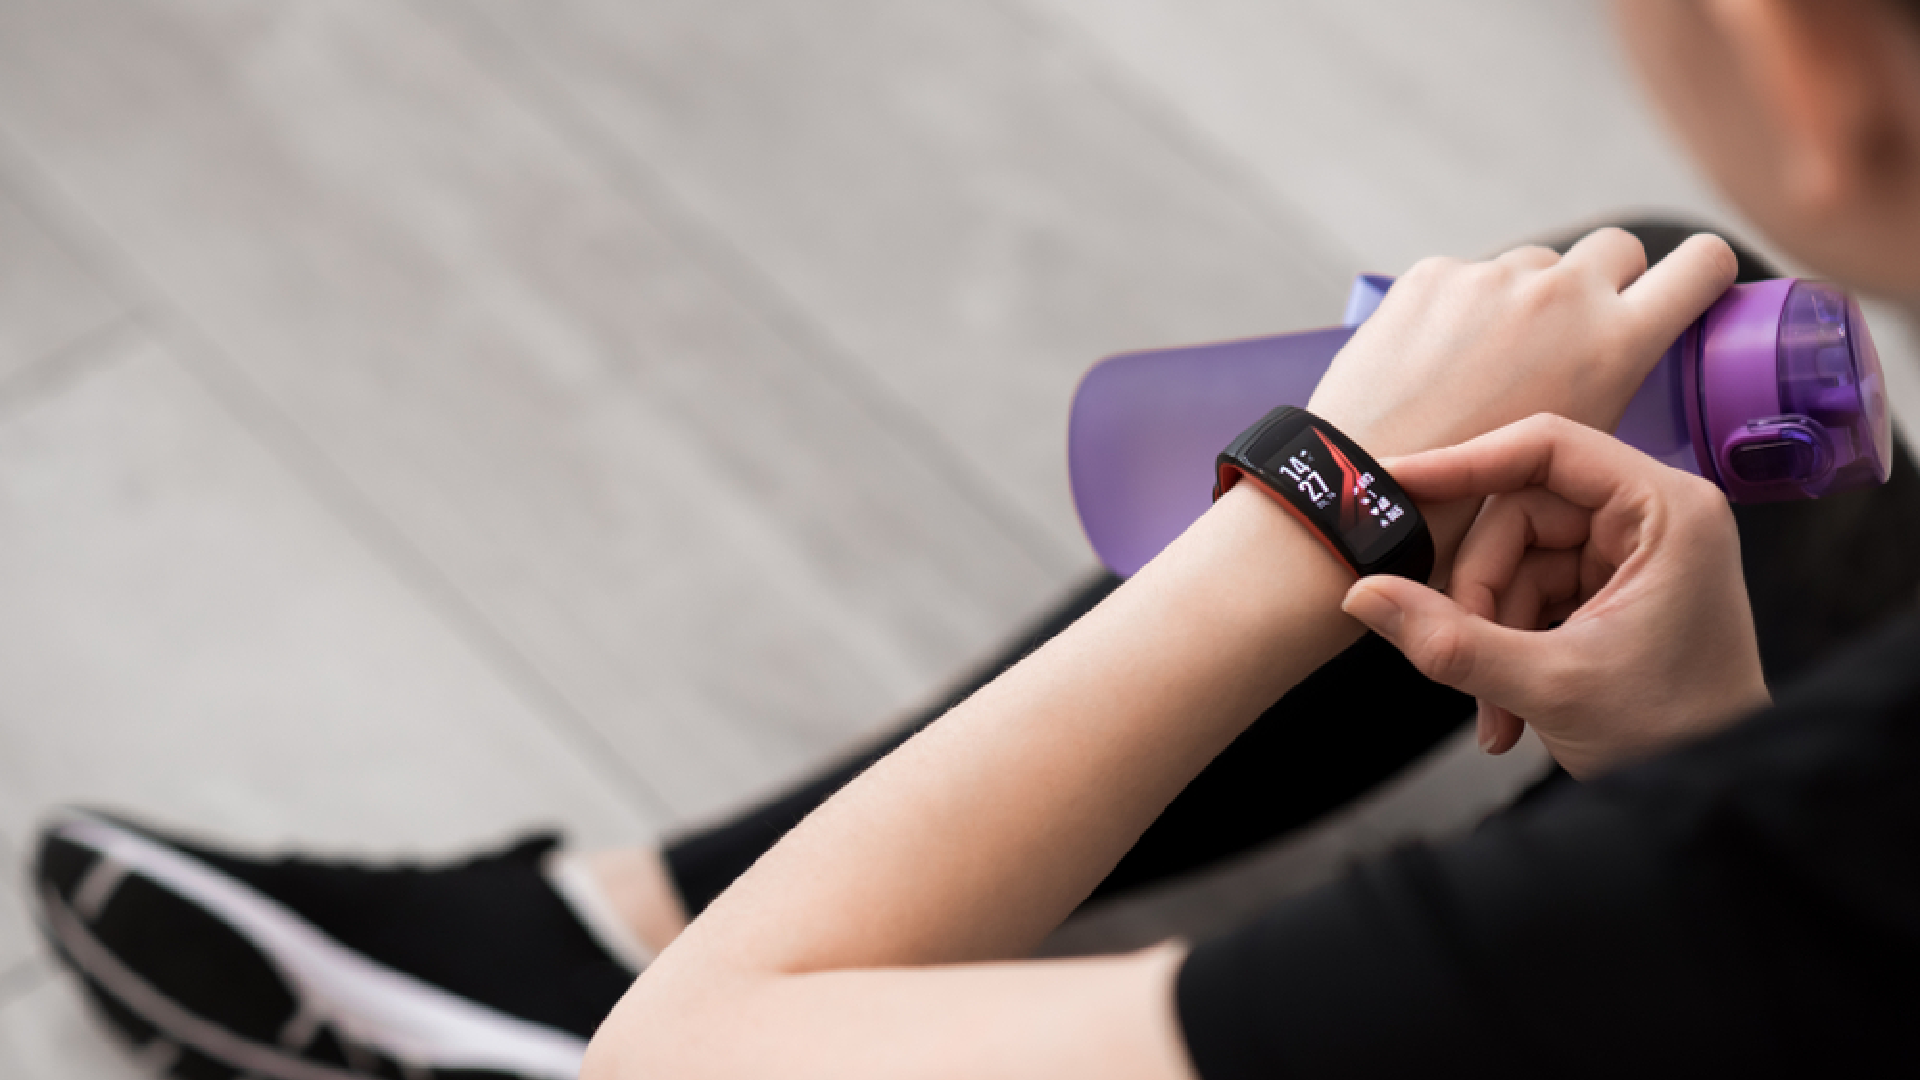 Será que vale a pena ter uma smartband para treinar? (Imagem: Reprodução/Shutterstock)